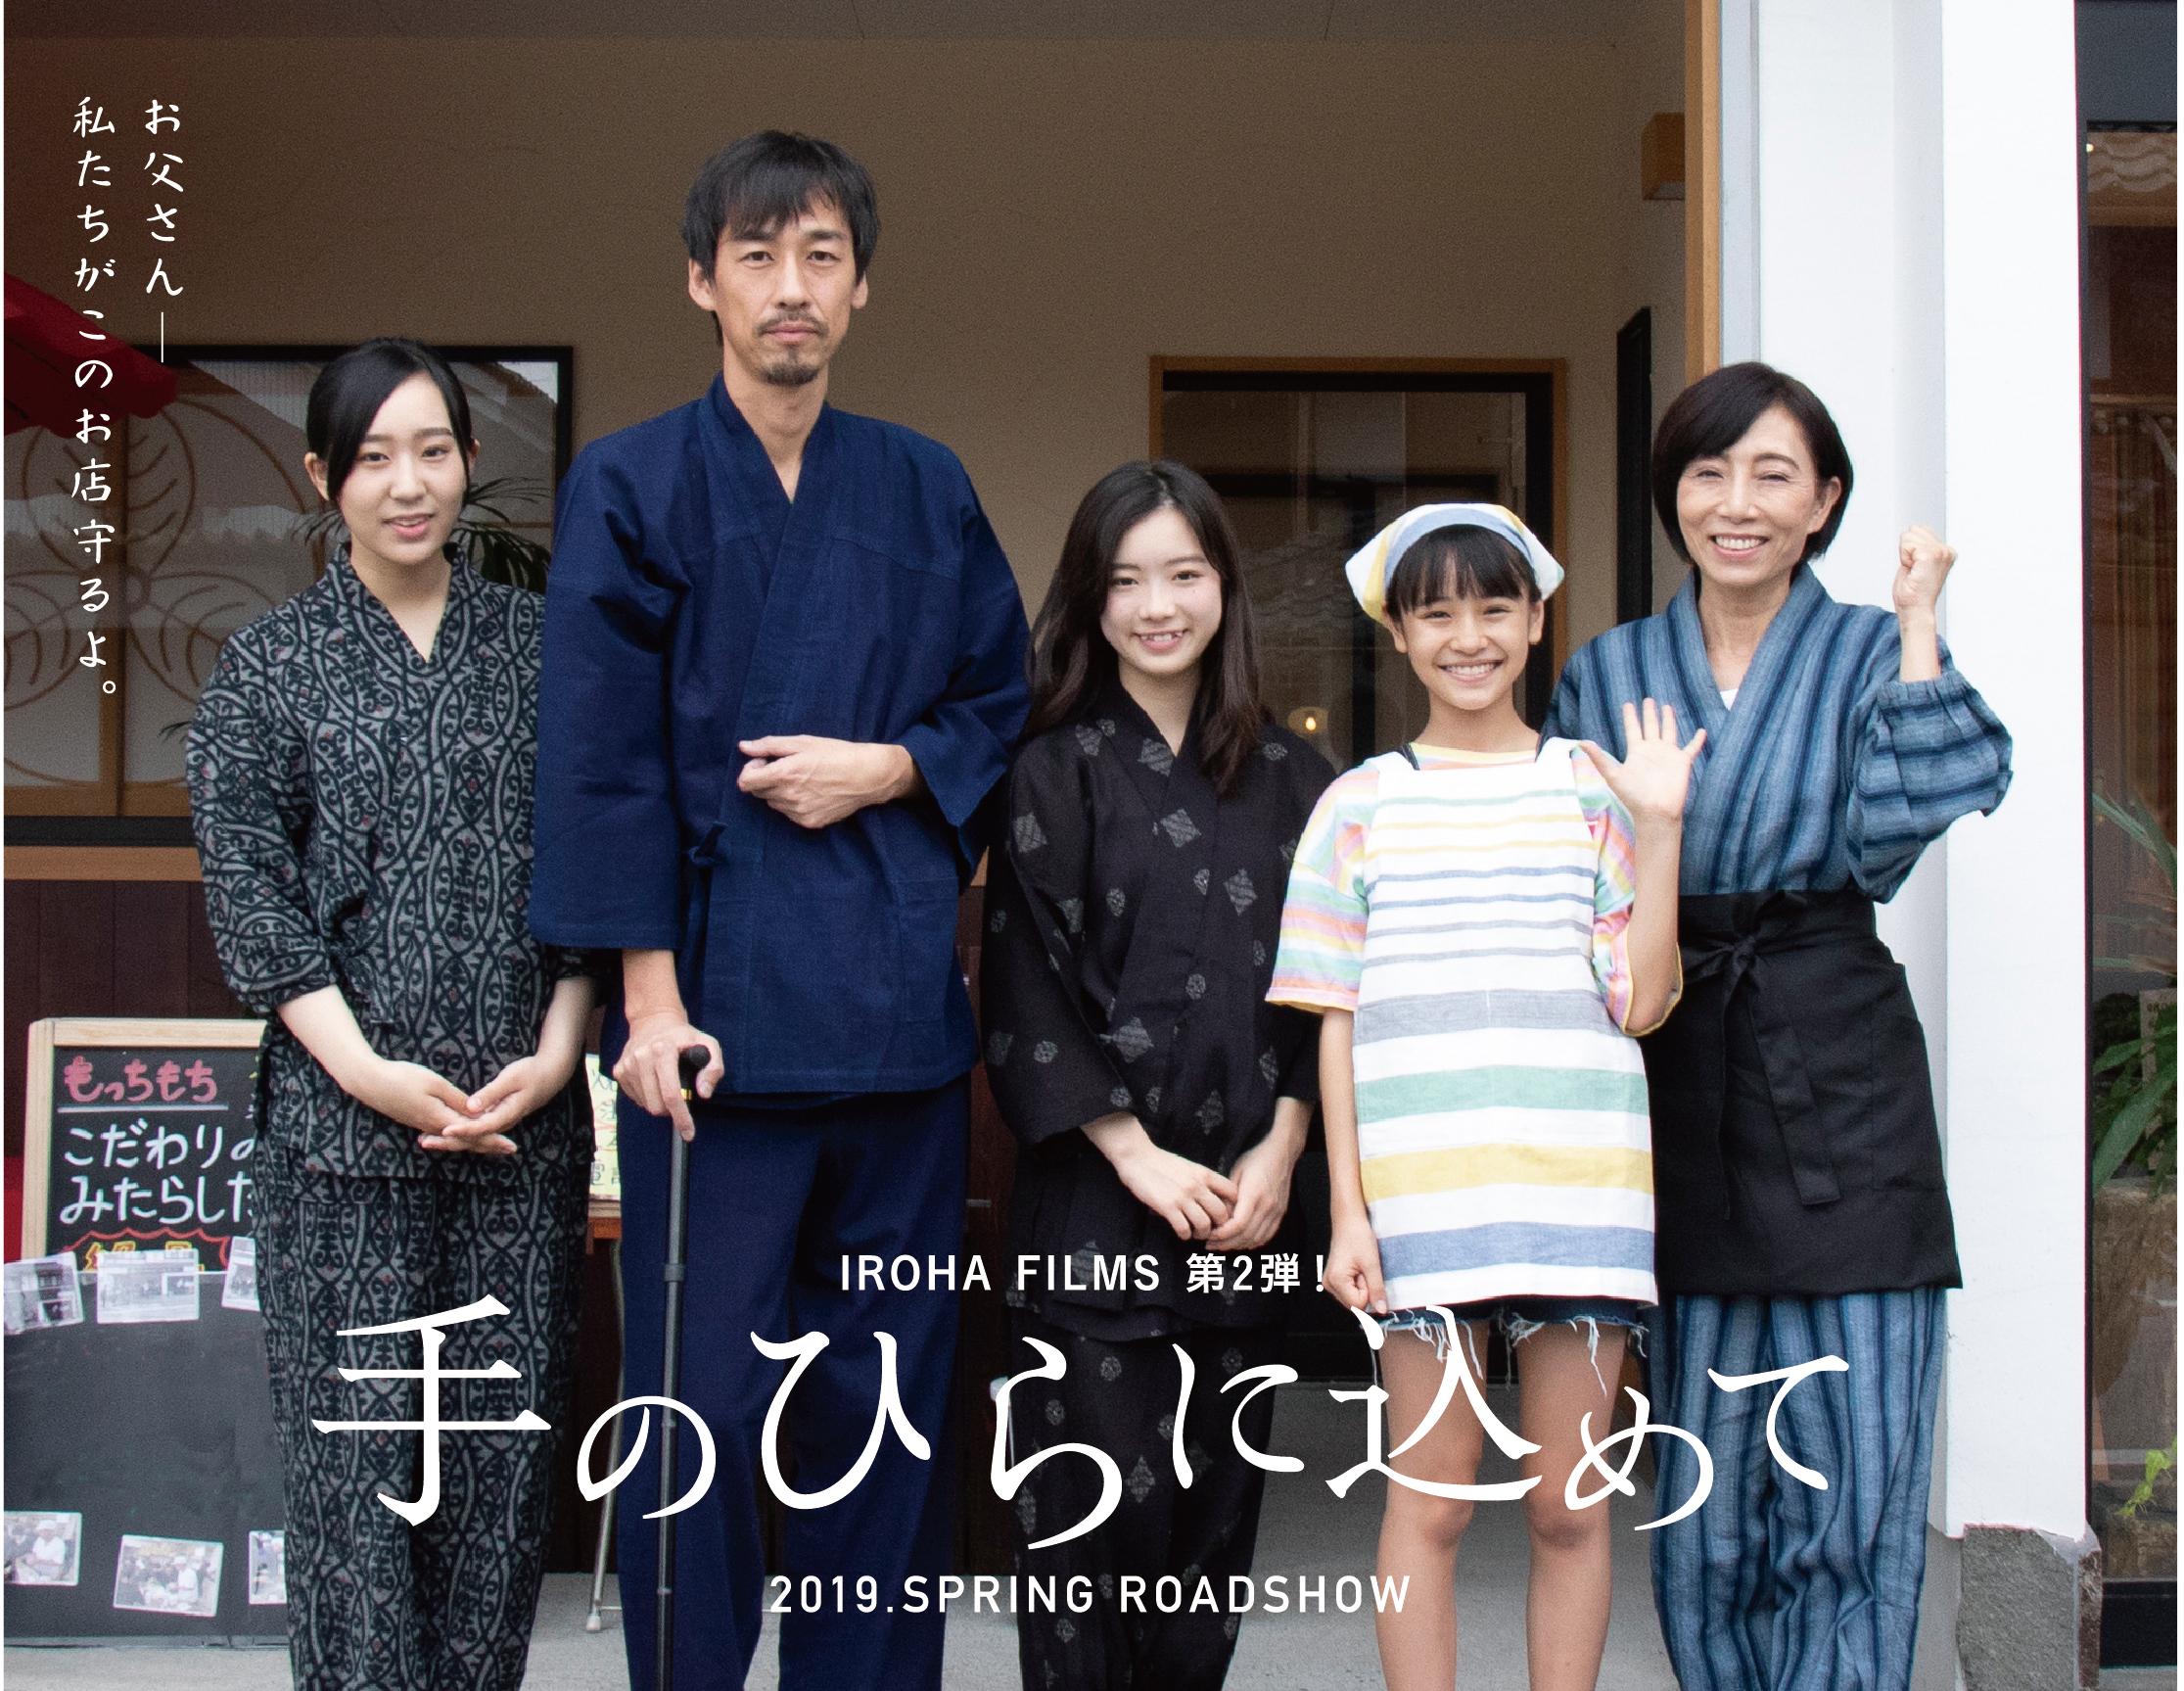 【出演情報】江口かほる、松尾ななみ / 映画「手のひらに込めて」舞台挨拶出演